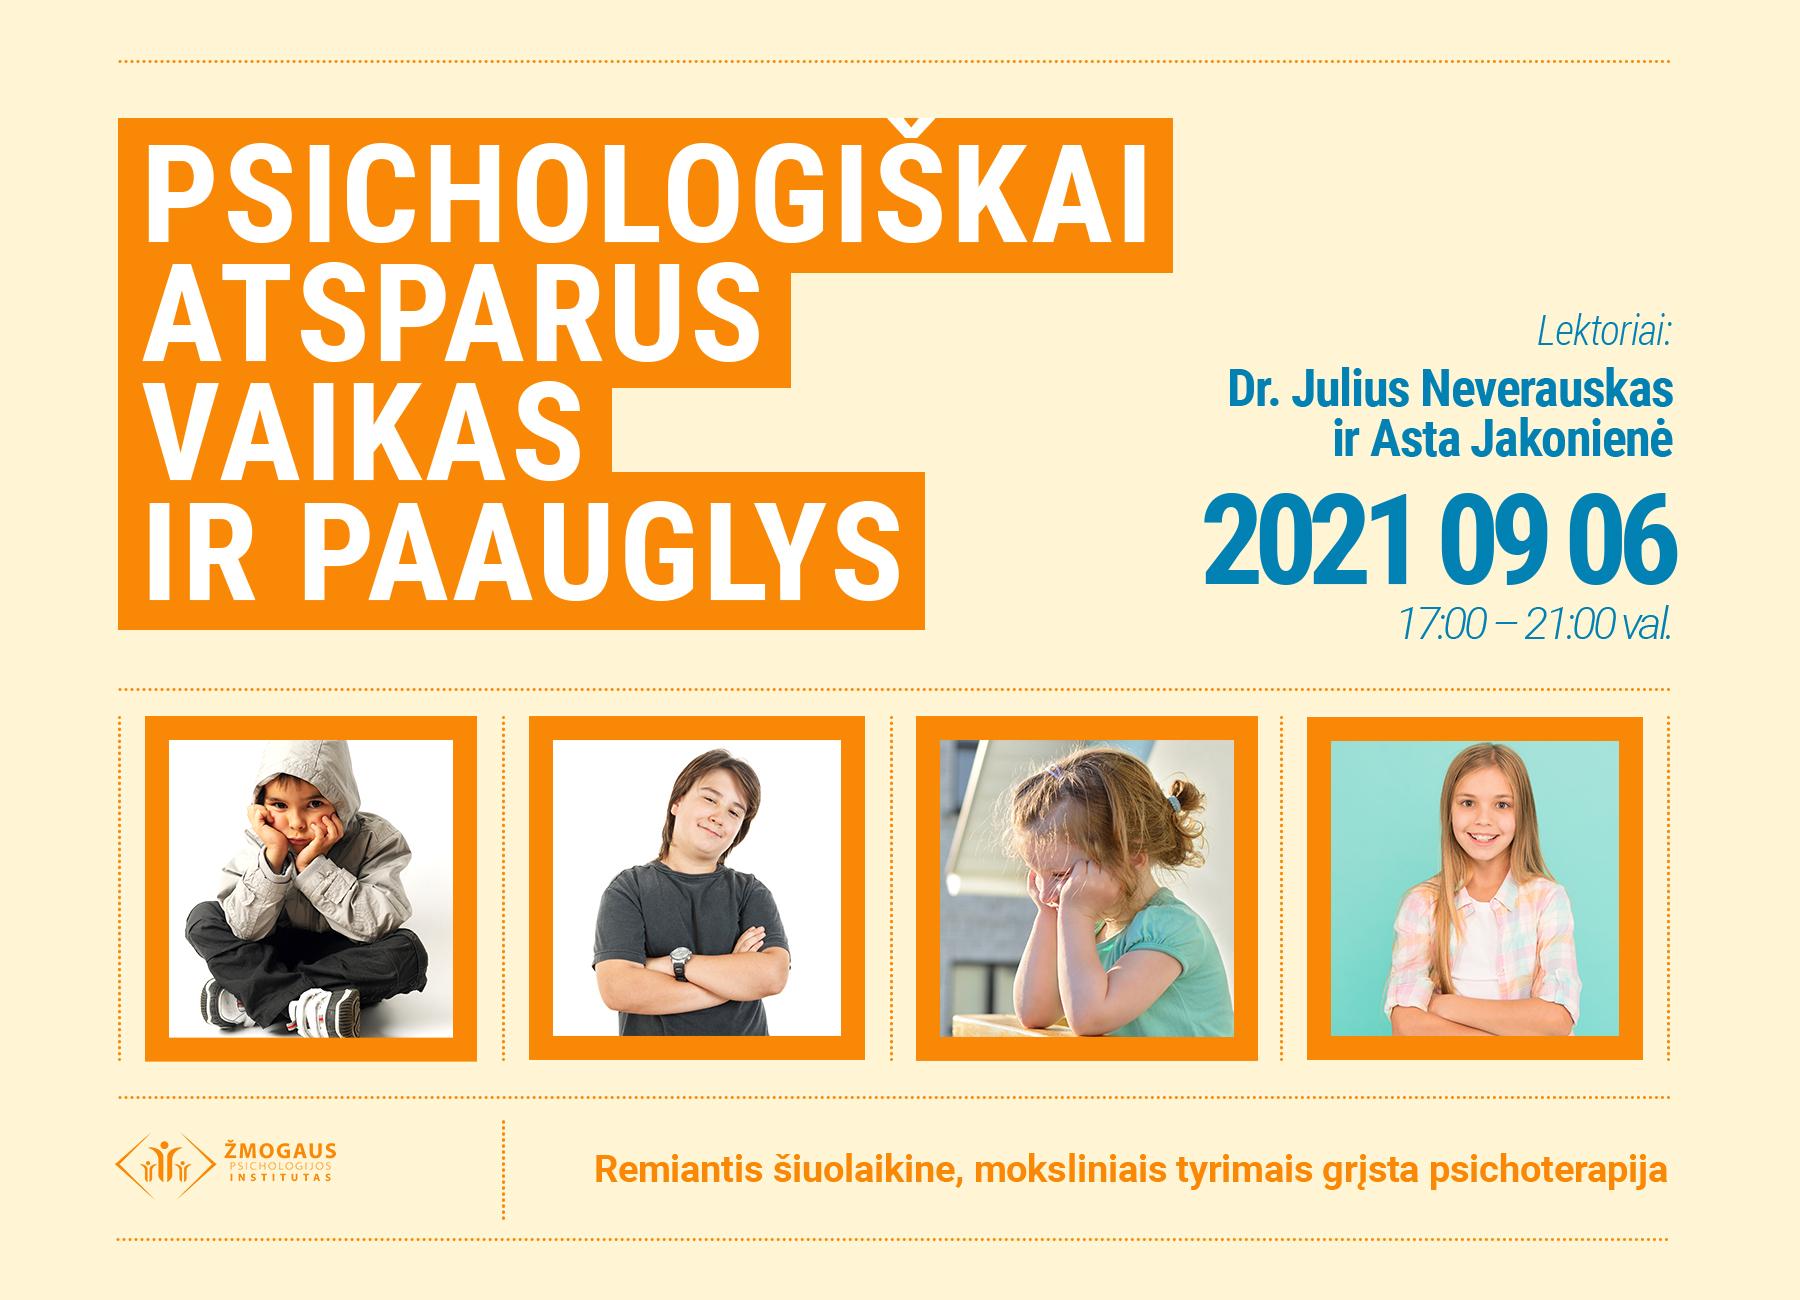 1_WEB_Psichologiskai atsparus vaikas ir paauglys